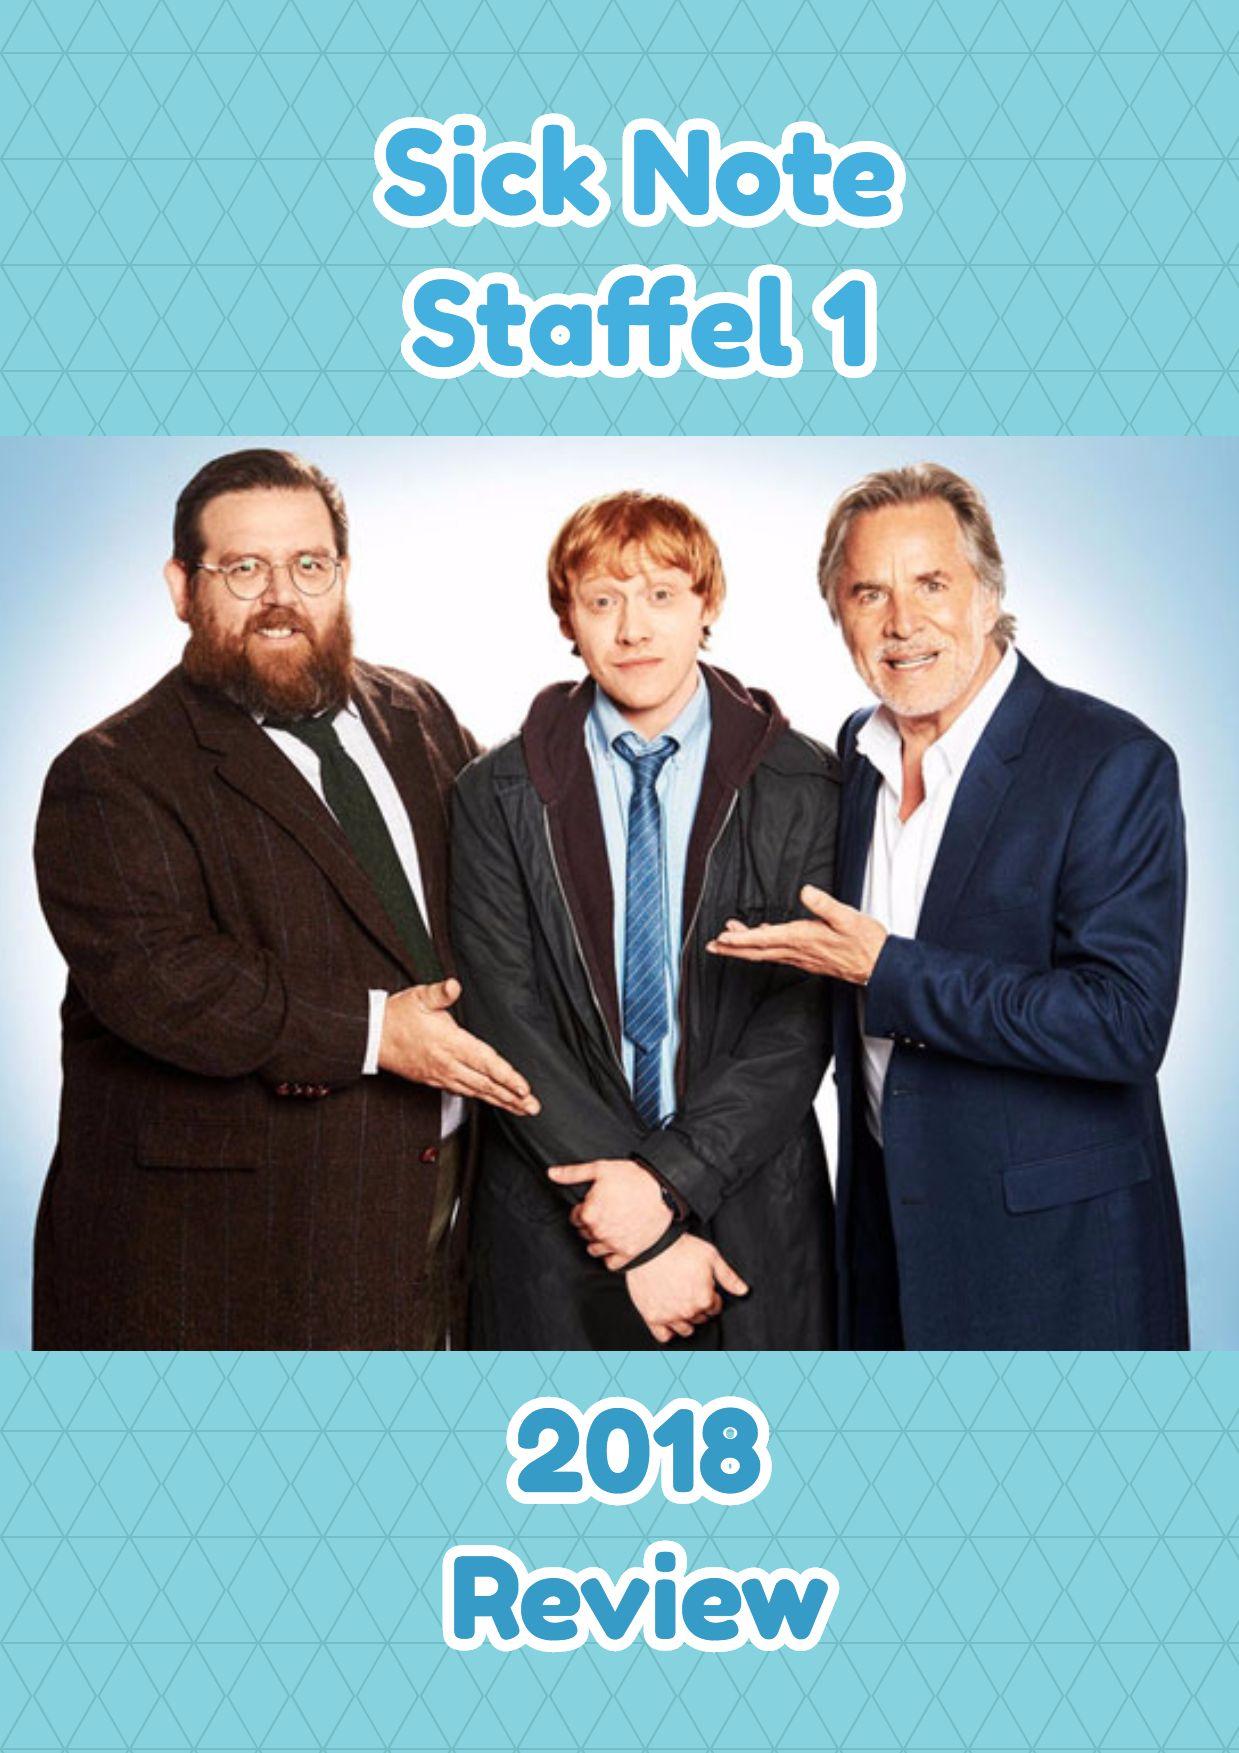 Sick Note auf Netflix mit Rupert Grint, Nick Frost und